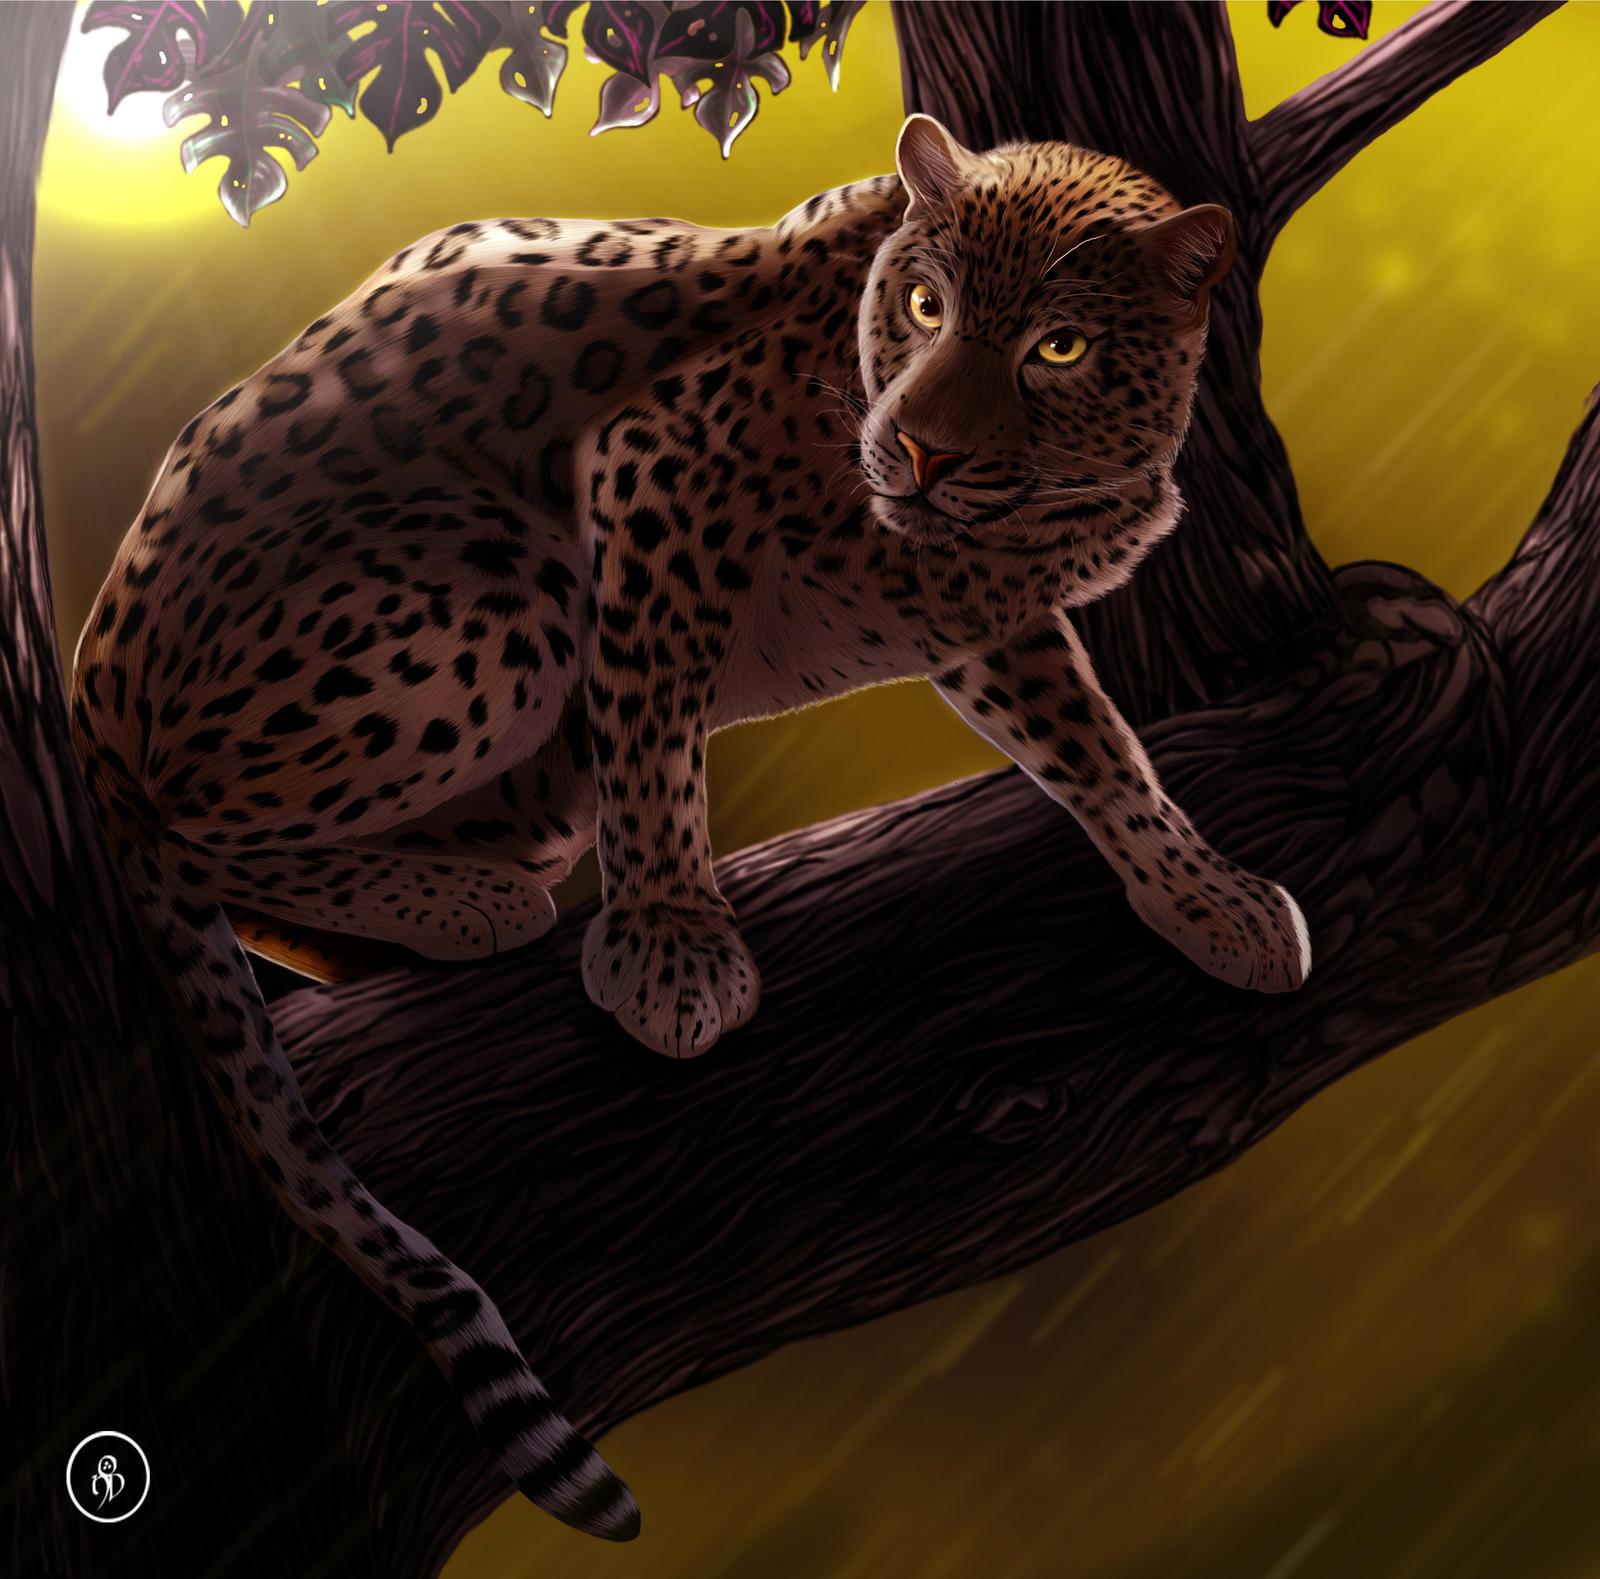 Prey 39 s last vision update by ondjage on deviantart - Combien de temps un chat peut disparaitre ...